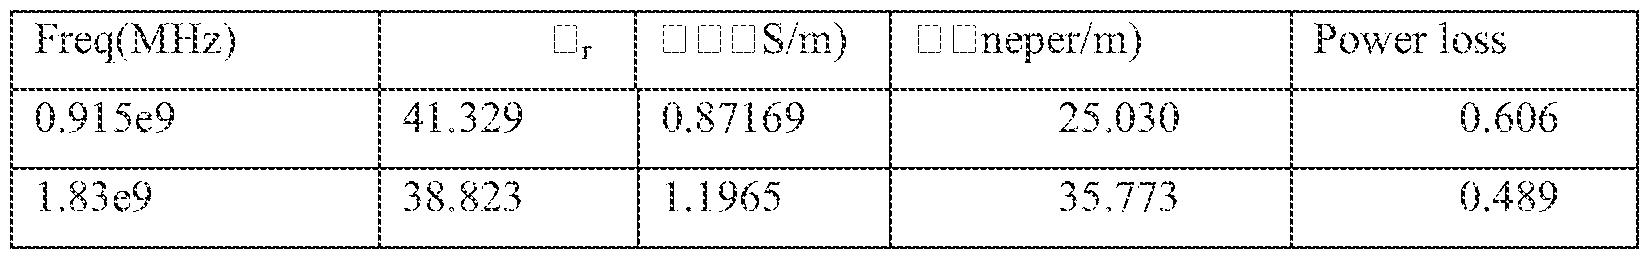 Figure imgf000044_0004